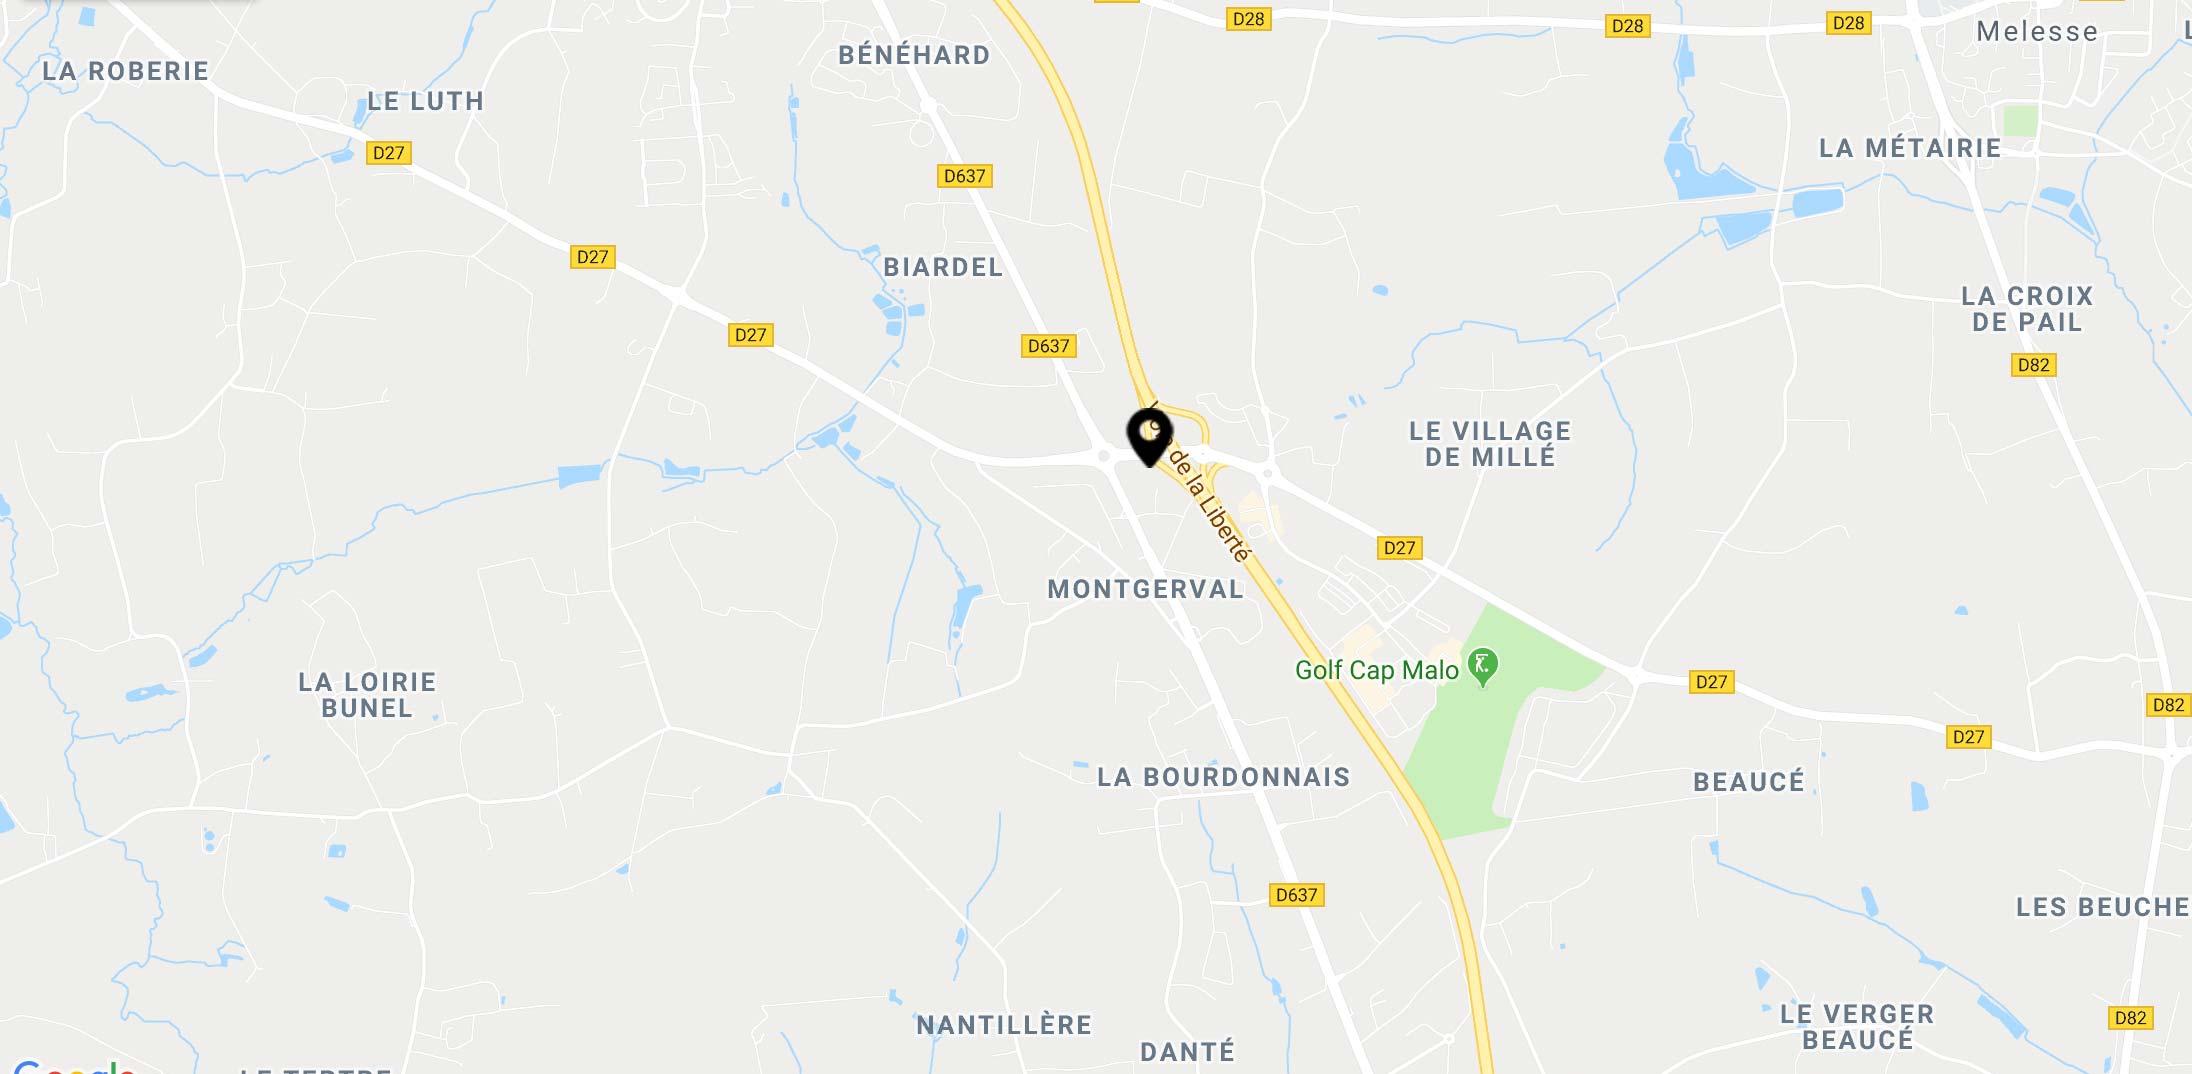 Piscines & Spas 35 pisciniste Ille-et-Vilaine